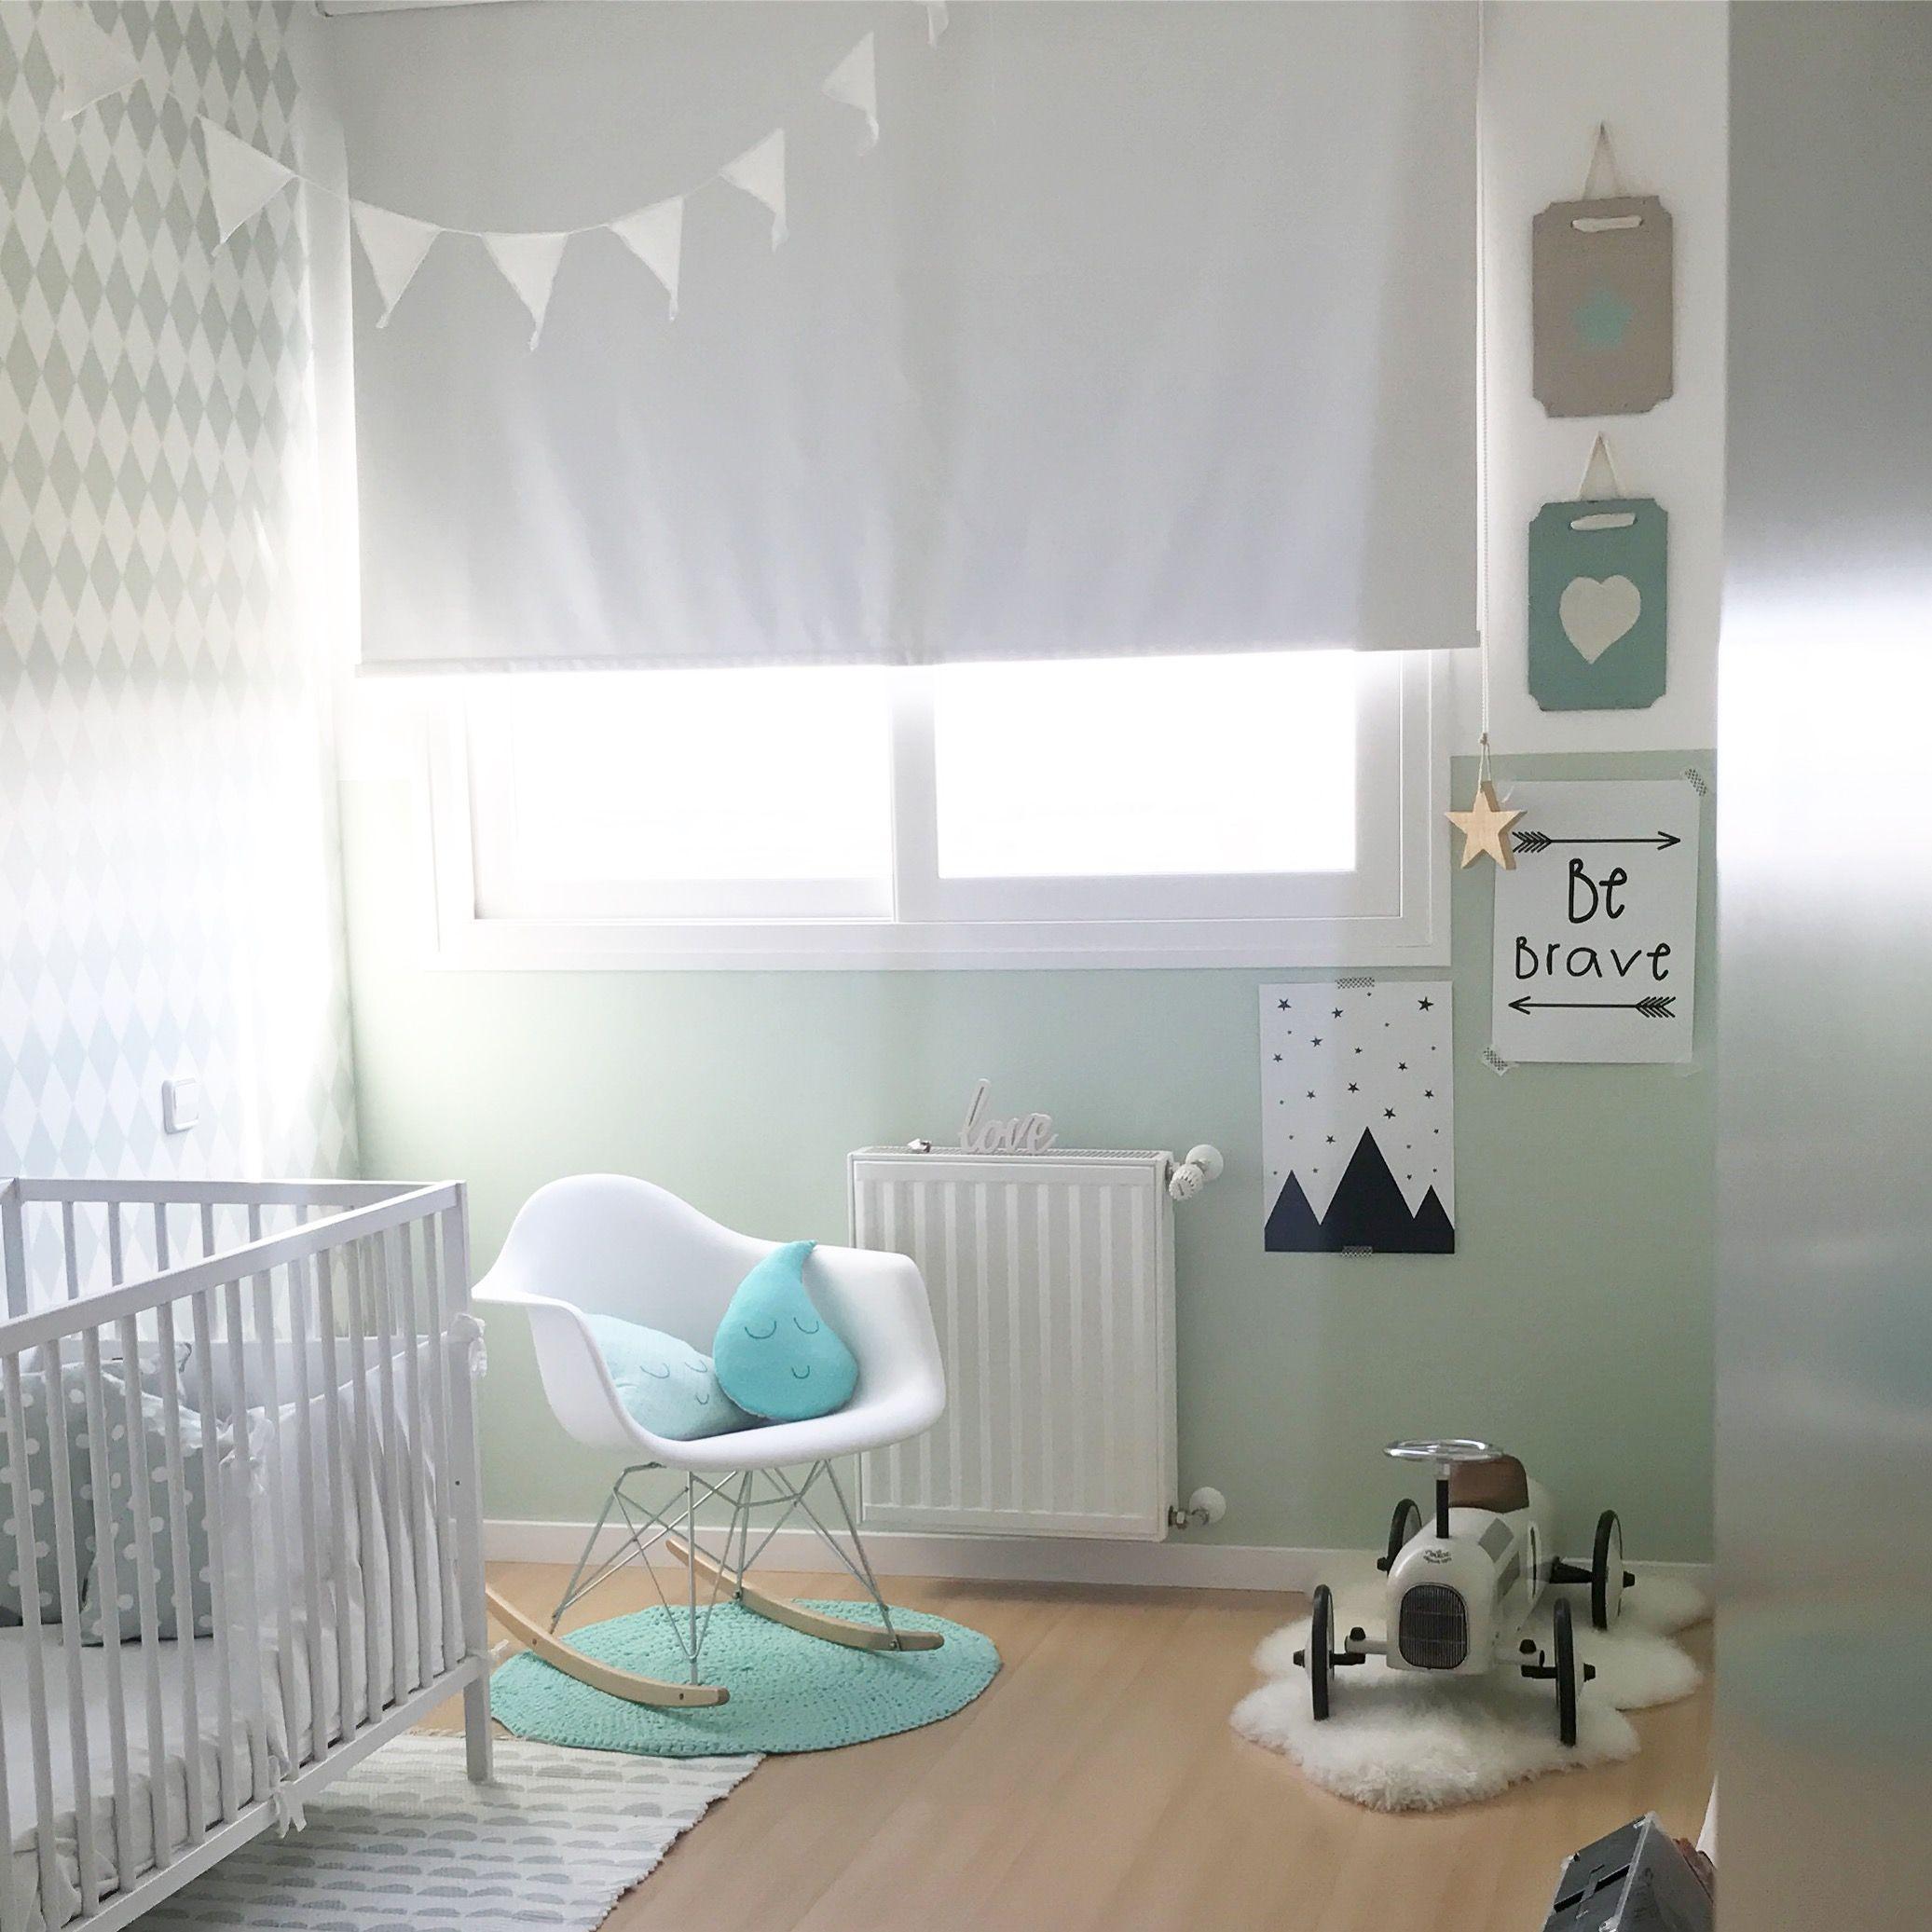 Verohrrg La Habitaci N De Nicol S Una Habitaci N Con Muebles De  # Muebles Habitacion Ikea